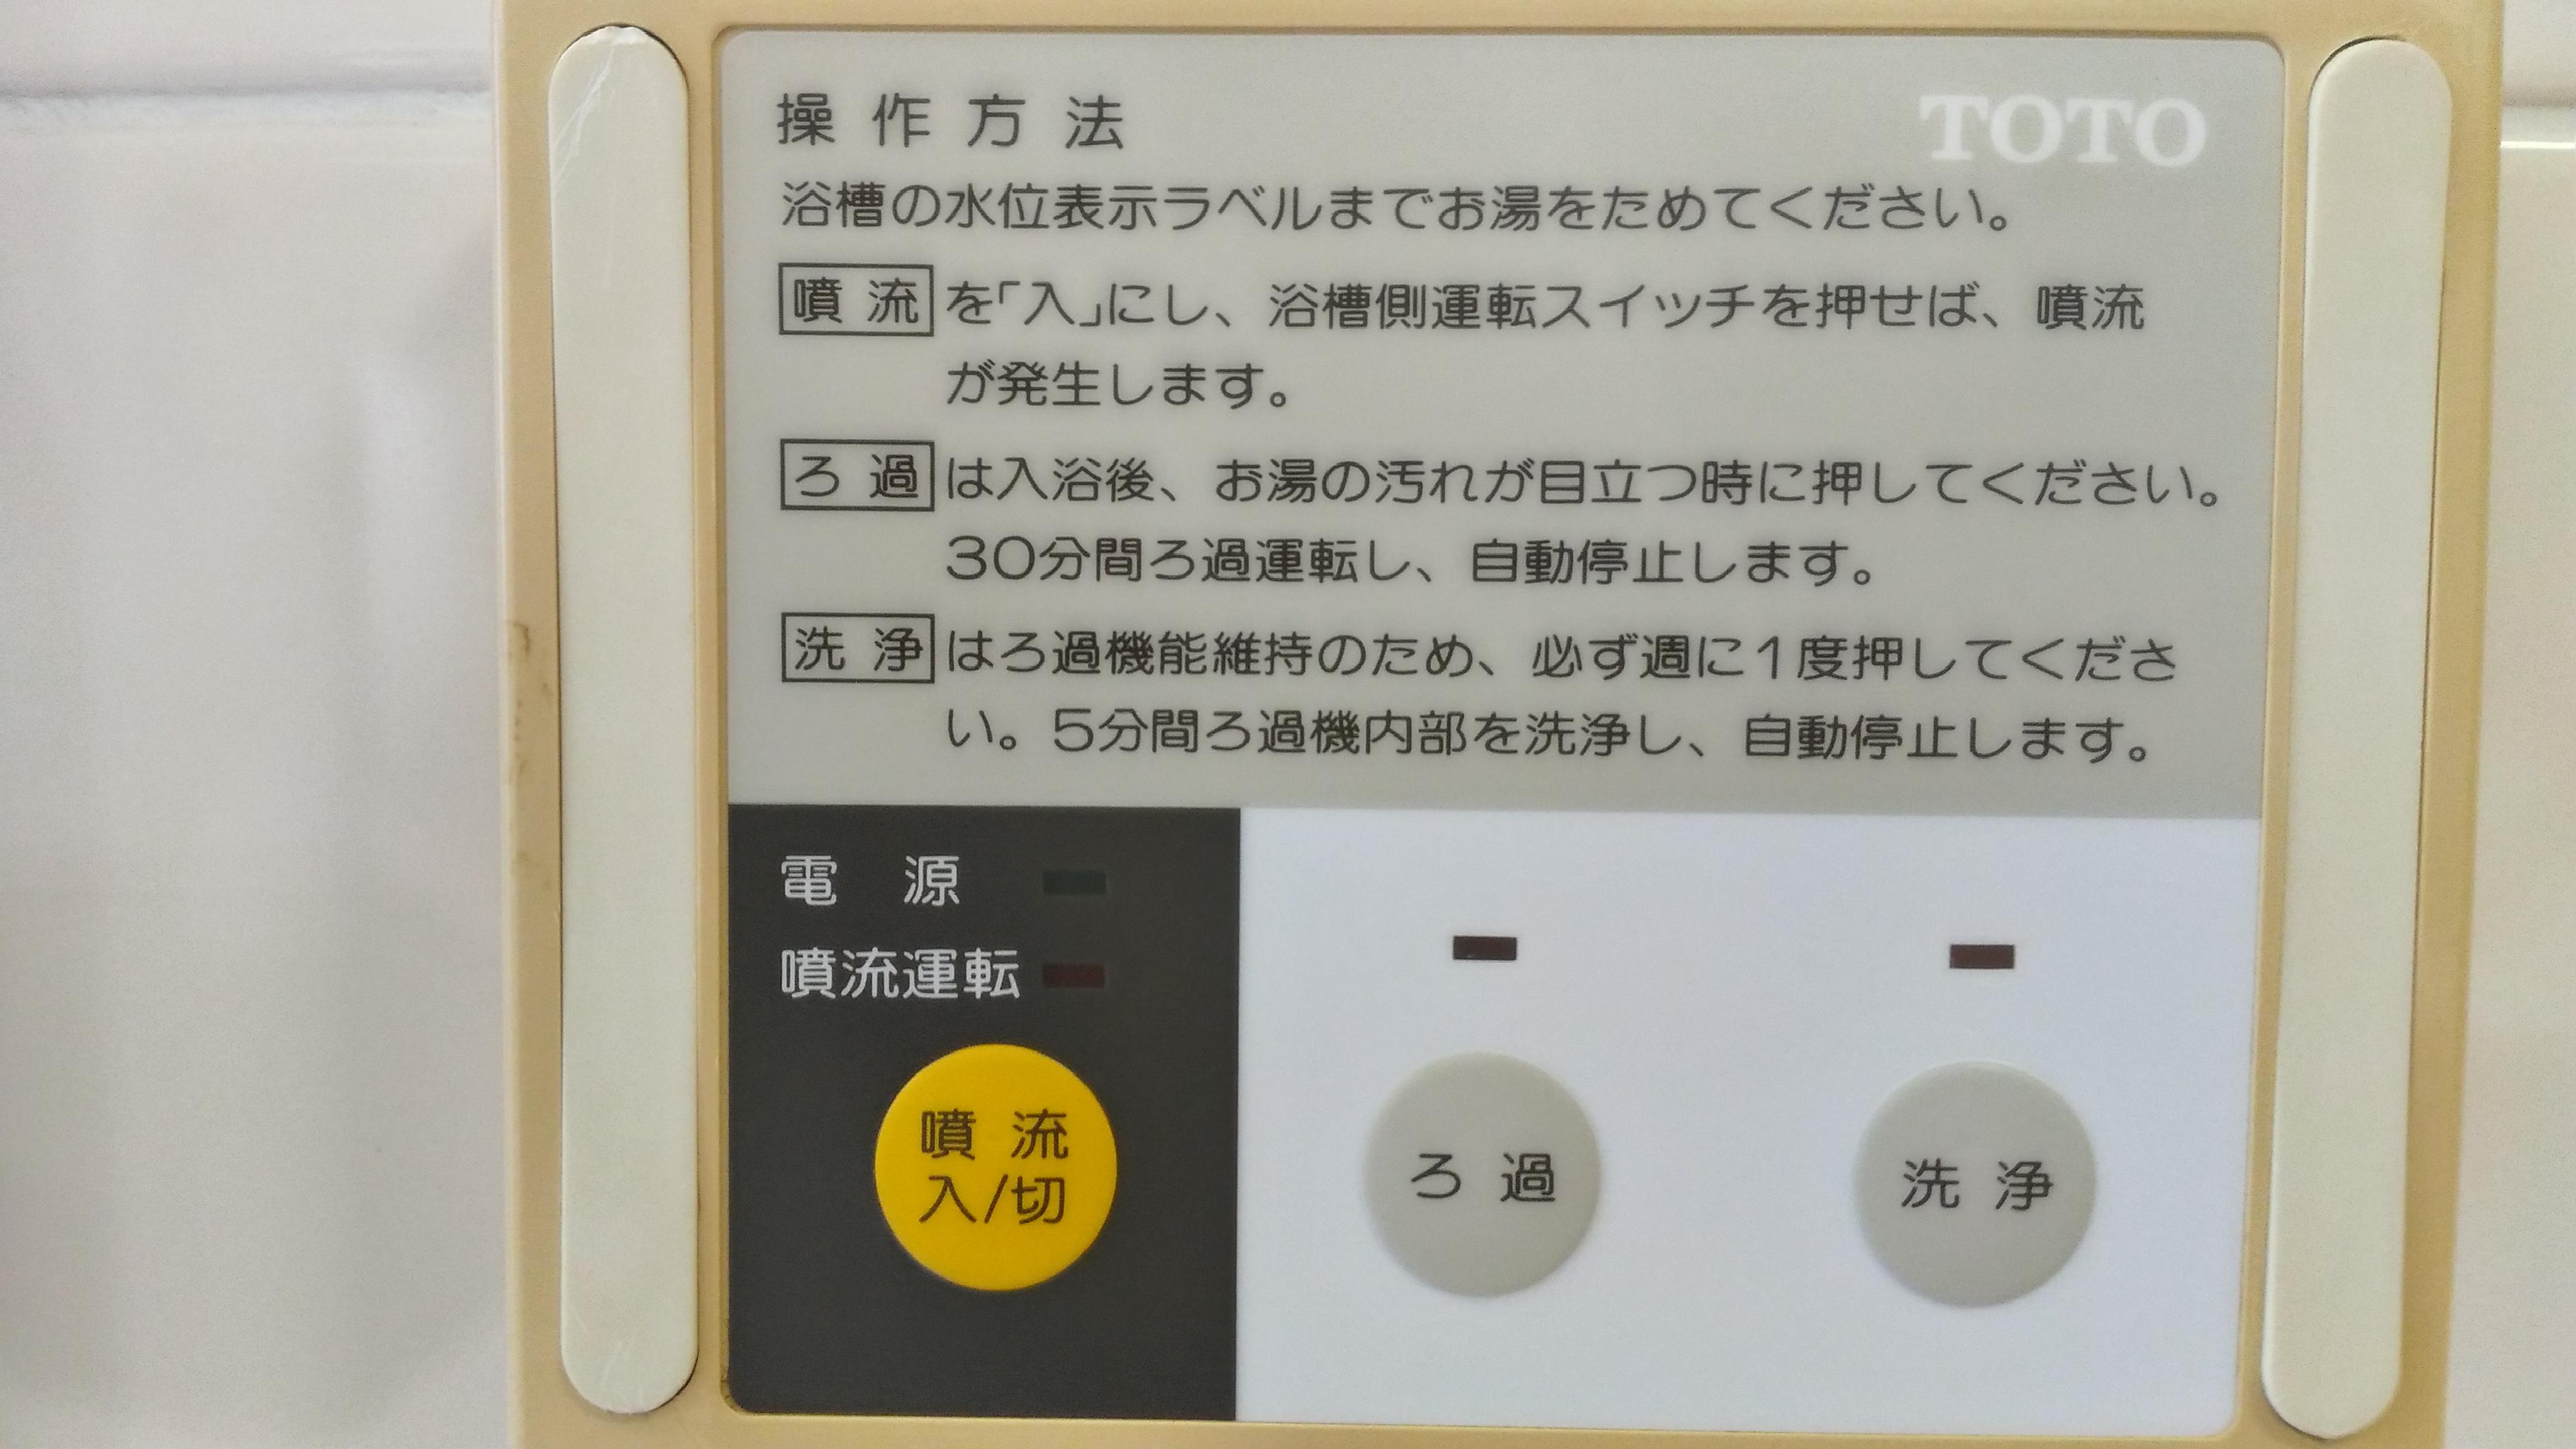 2階バスルーム(操作パネル)